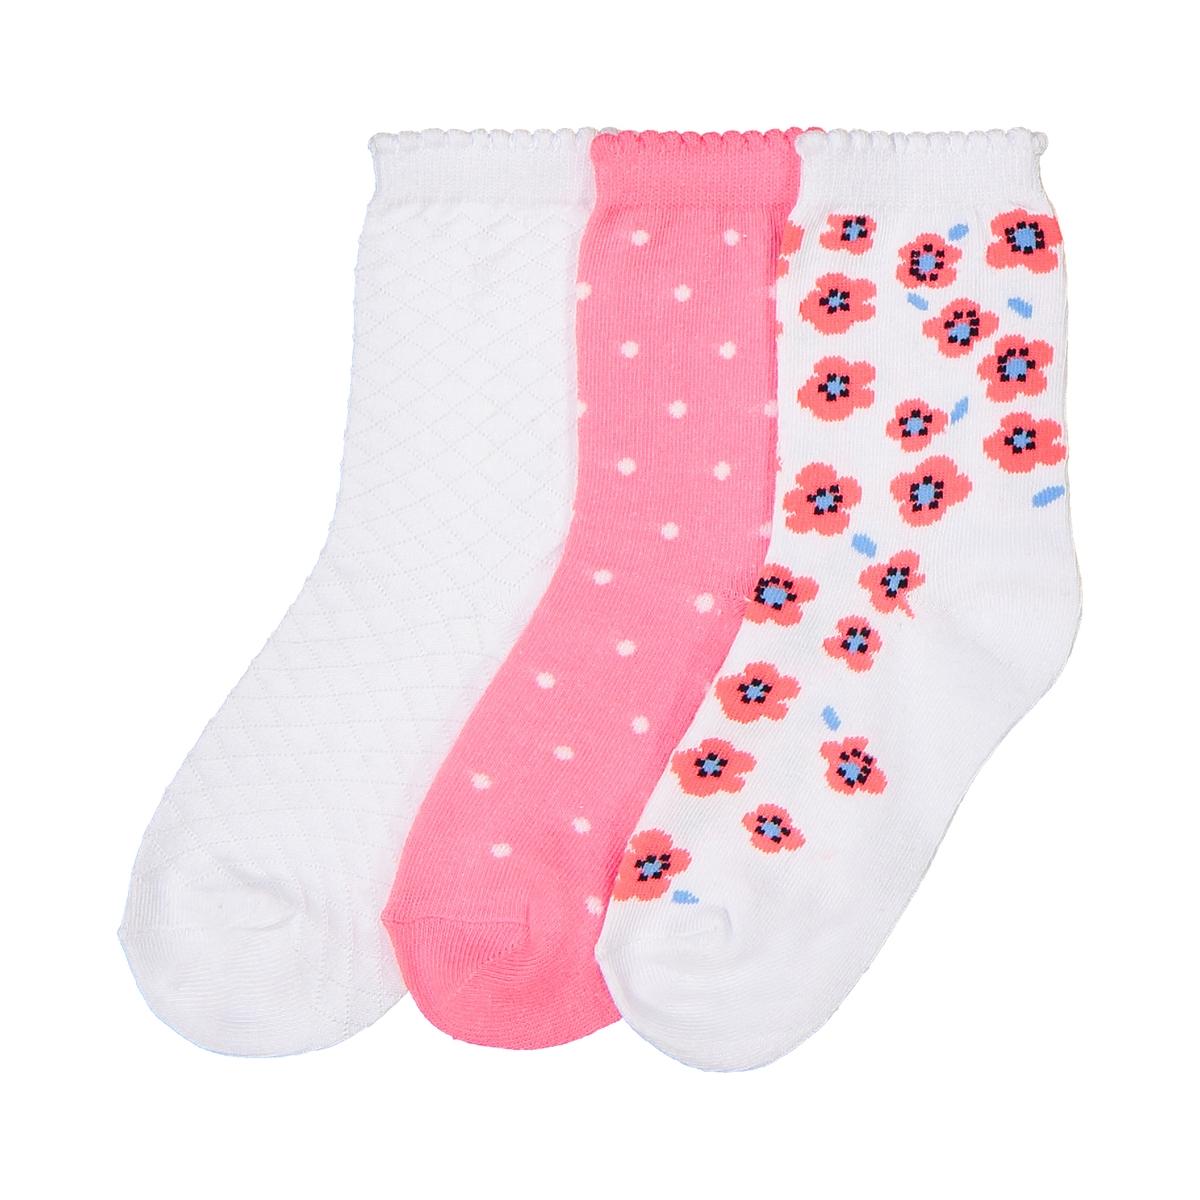 Носки низкие, оригинальные, комплект из 3 пар